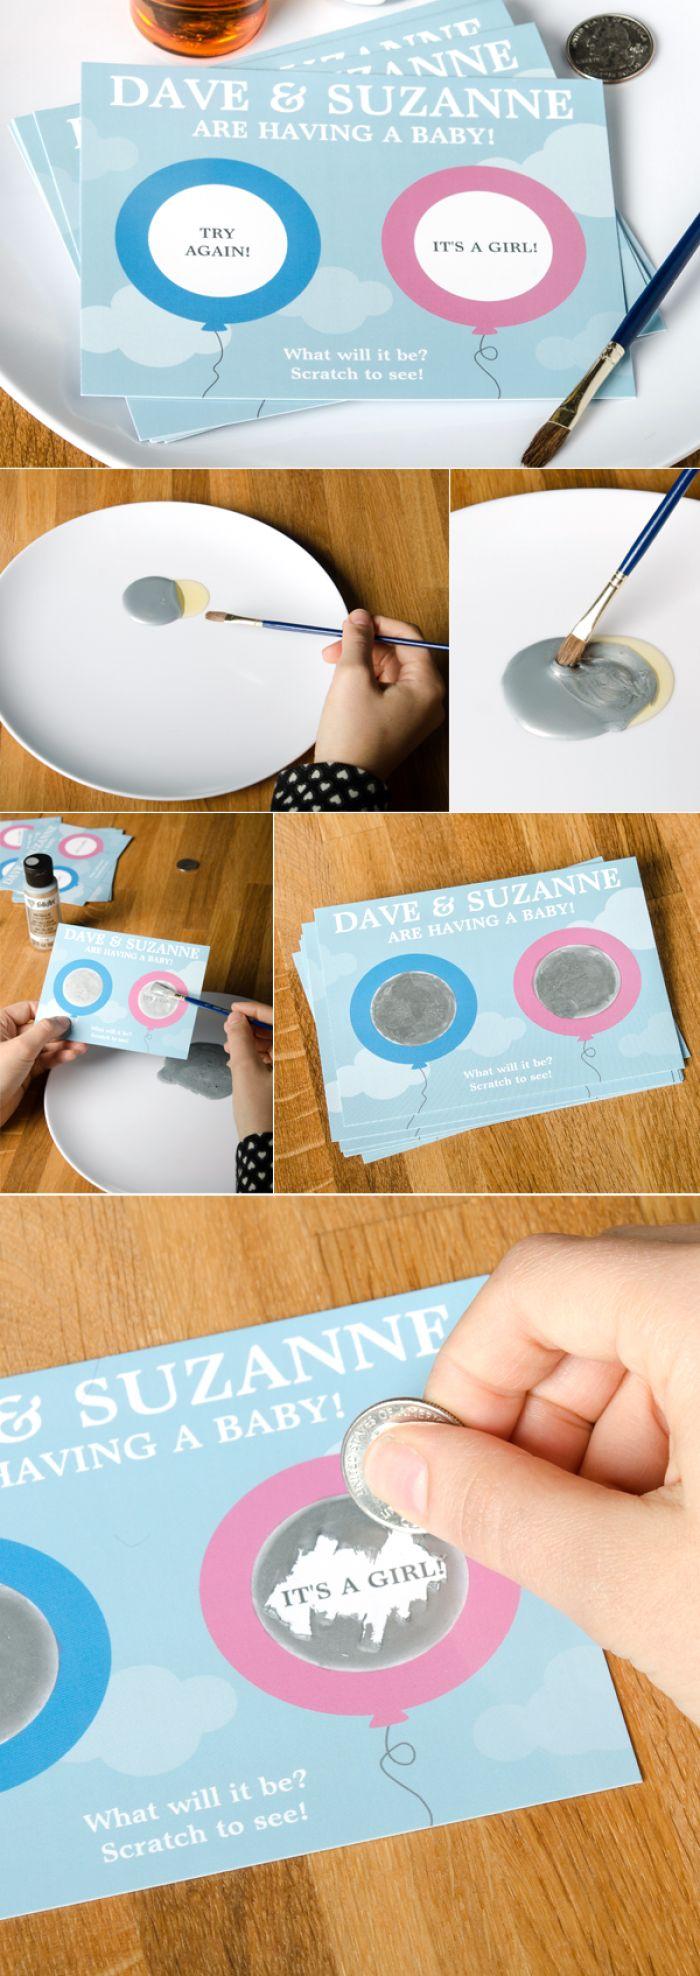 Tolle Idee um Freunden und Familie mitzuteilen ob es ein Mädchen oder Junge wird. Noch mehr Ideen gibt es auf www.Spaaz.de